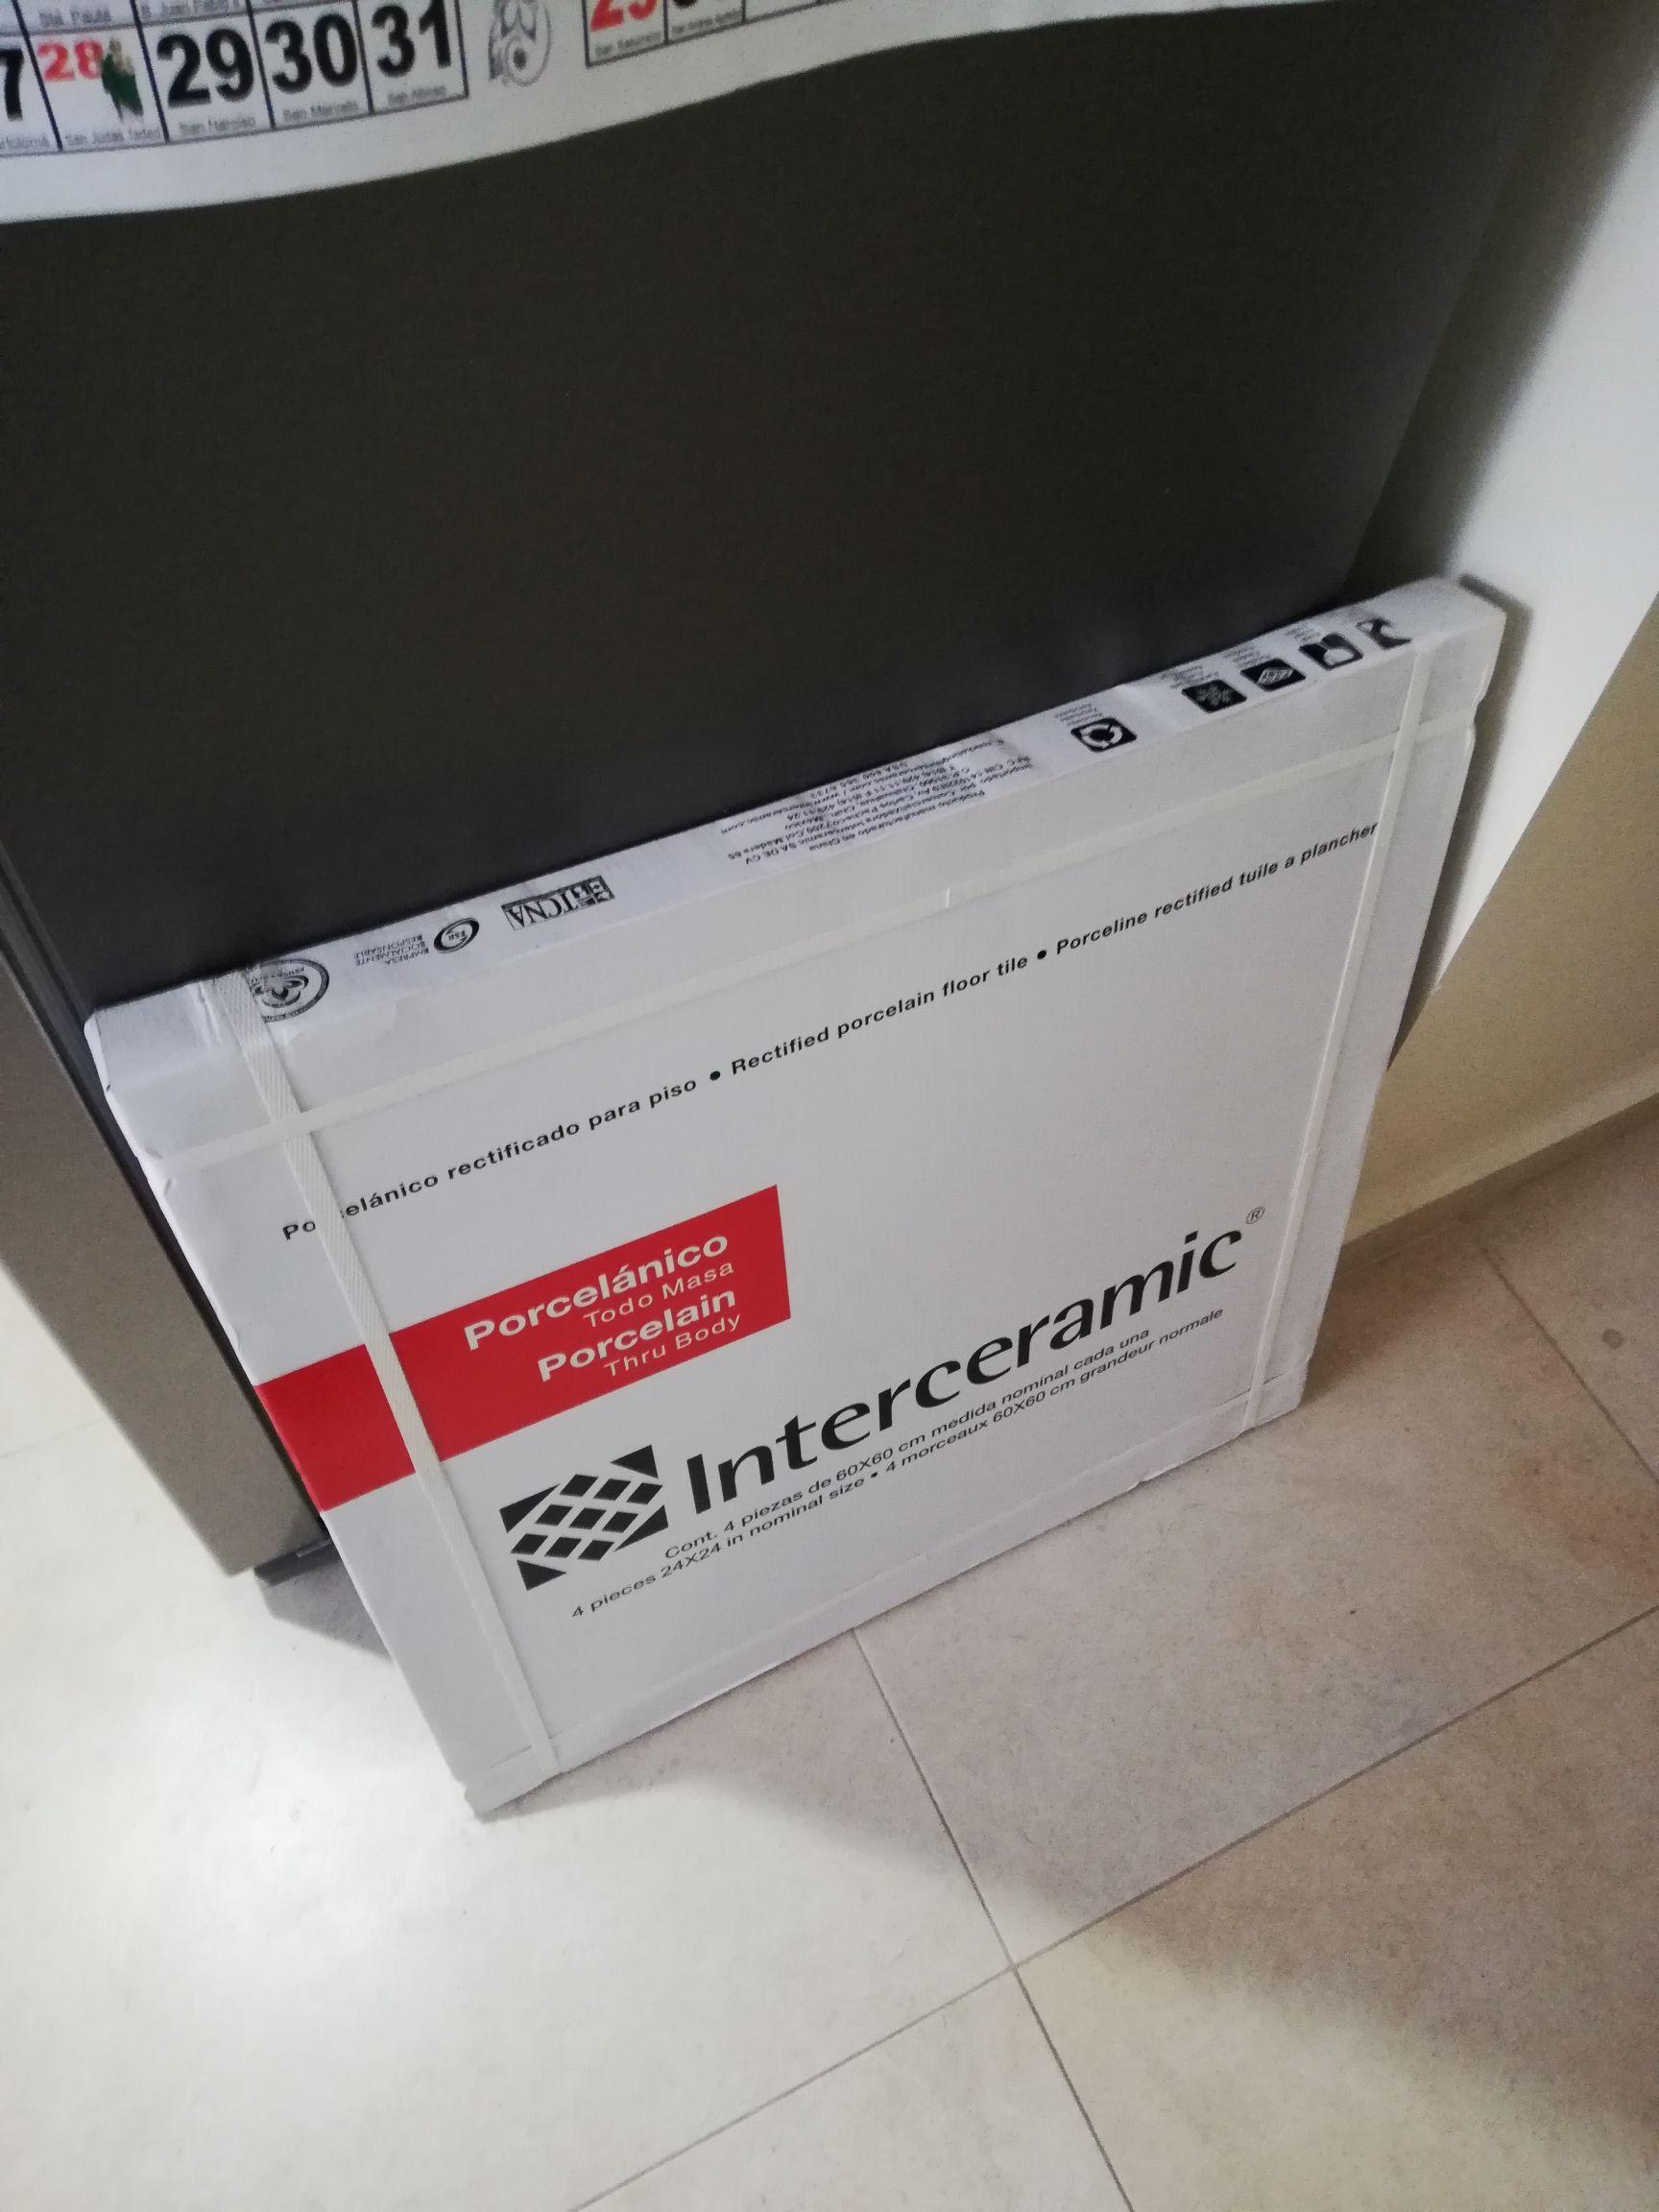 Outlet Interceramic: Piso interceramic 60x60